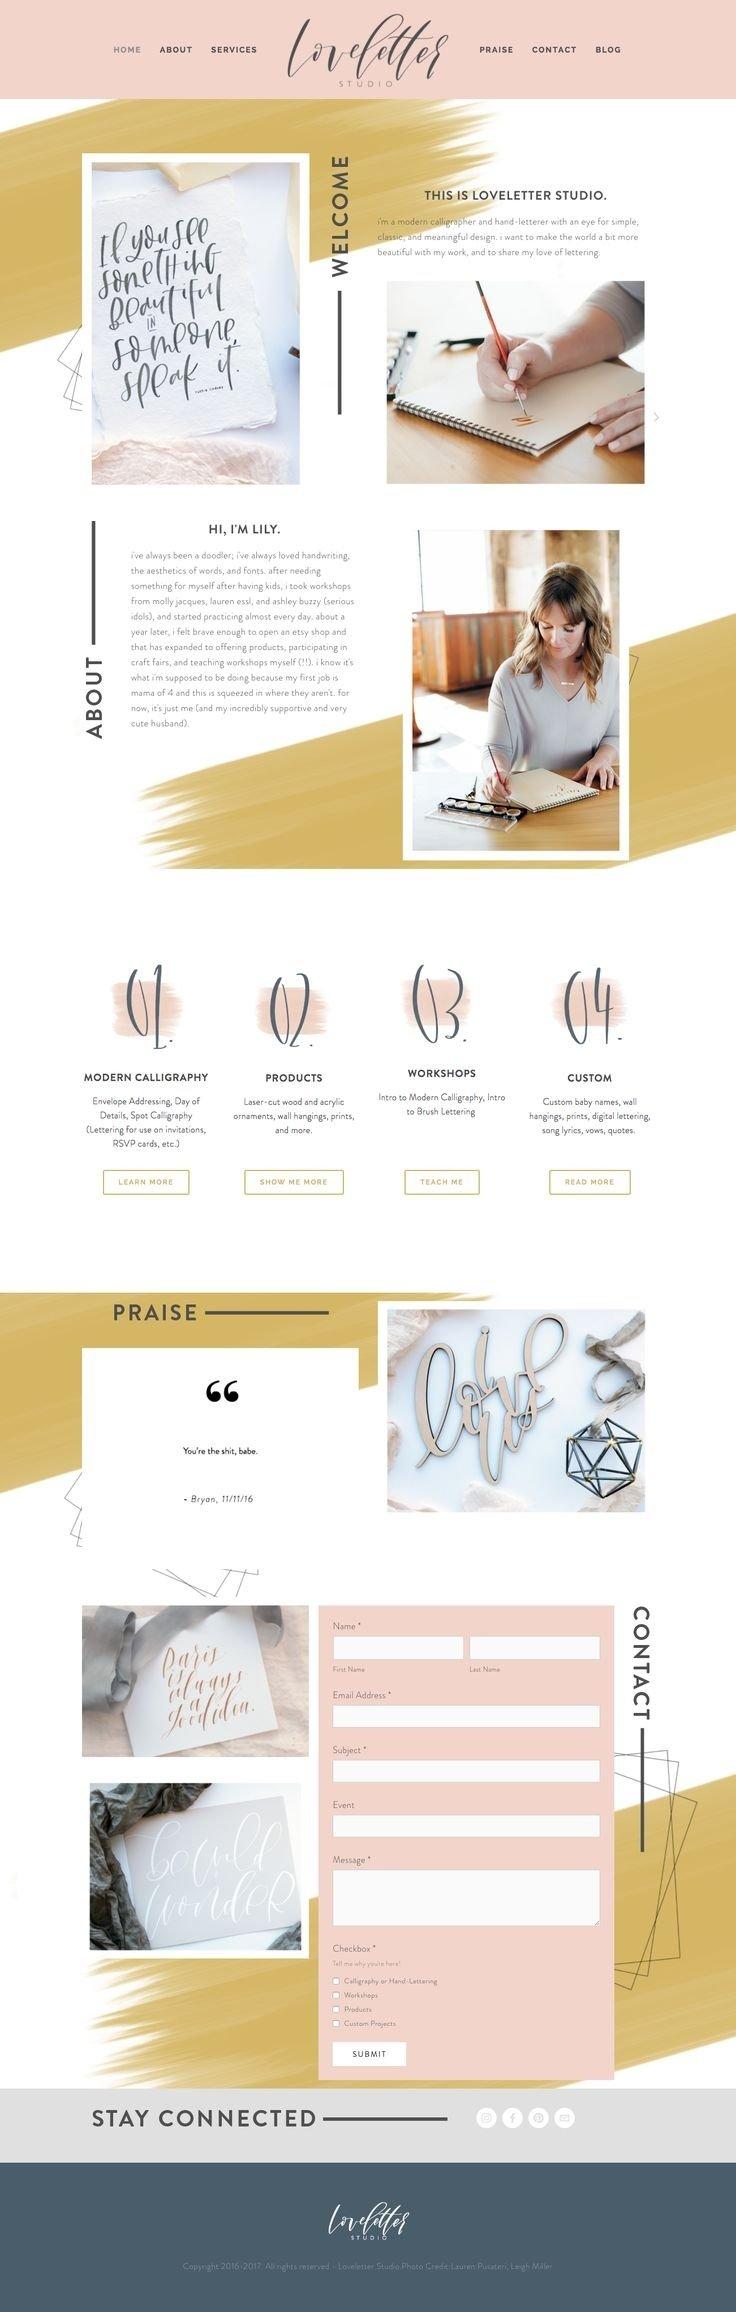 10 Most Recommended Good Ideas For A Website 393 best website design images on pinterest design websites site 2020